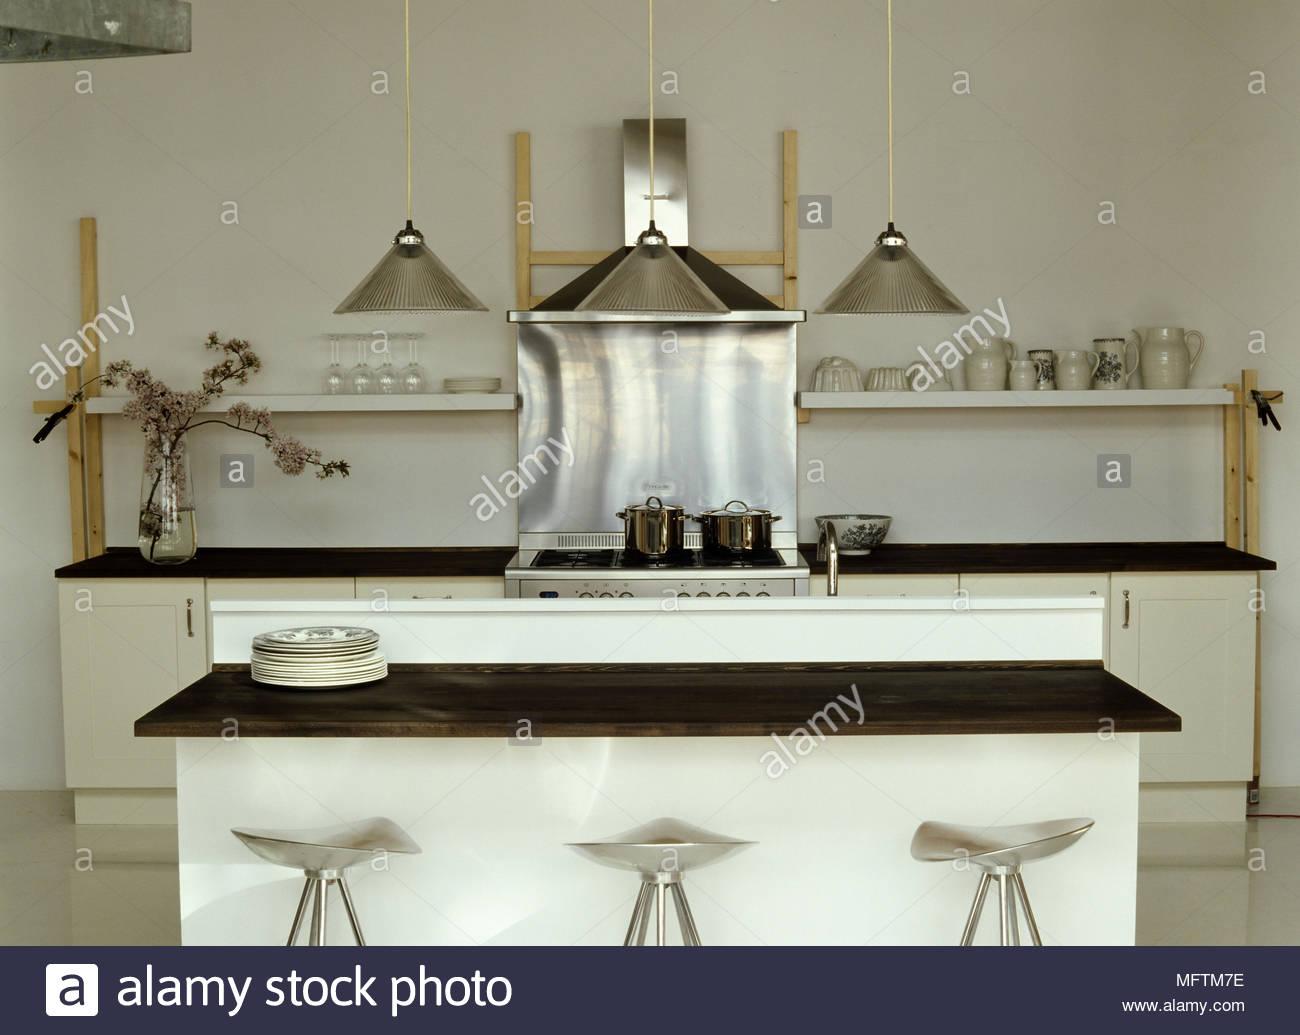 Erfreut Kücheninsel Wagen Frühstücksbar Bilder - Ideen Für Die Küche ...